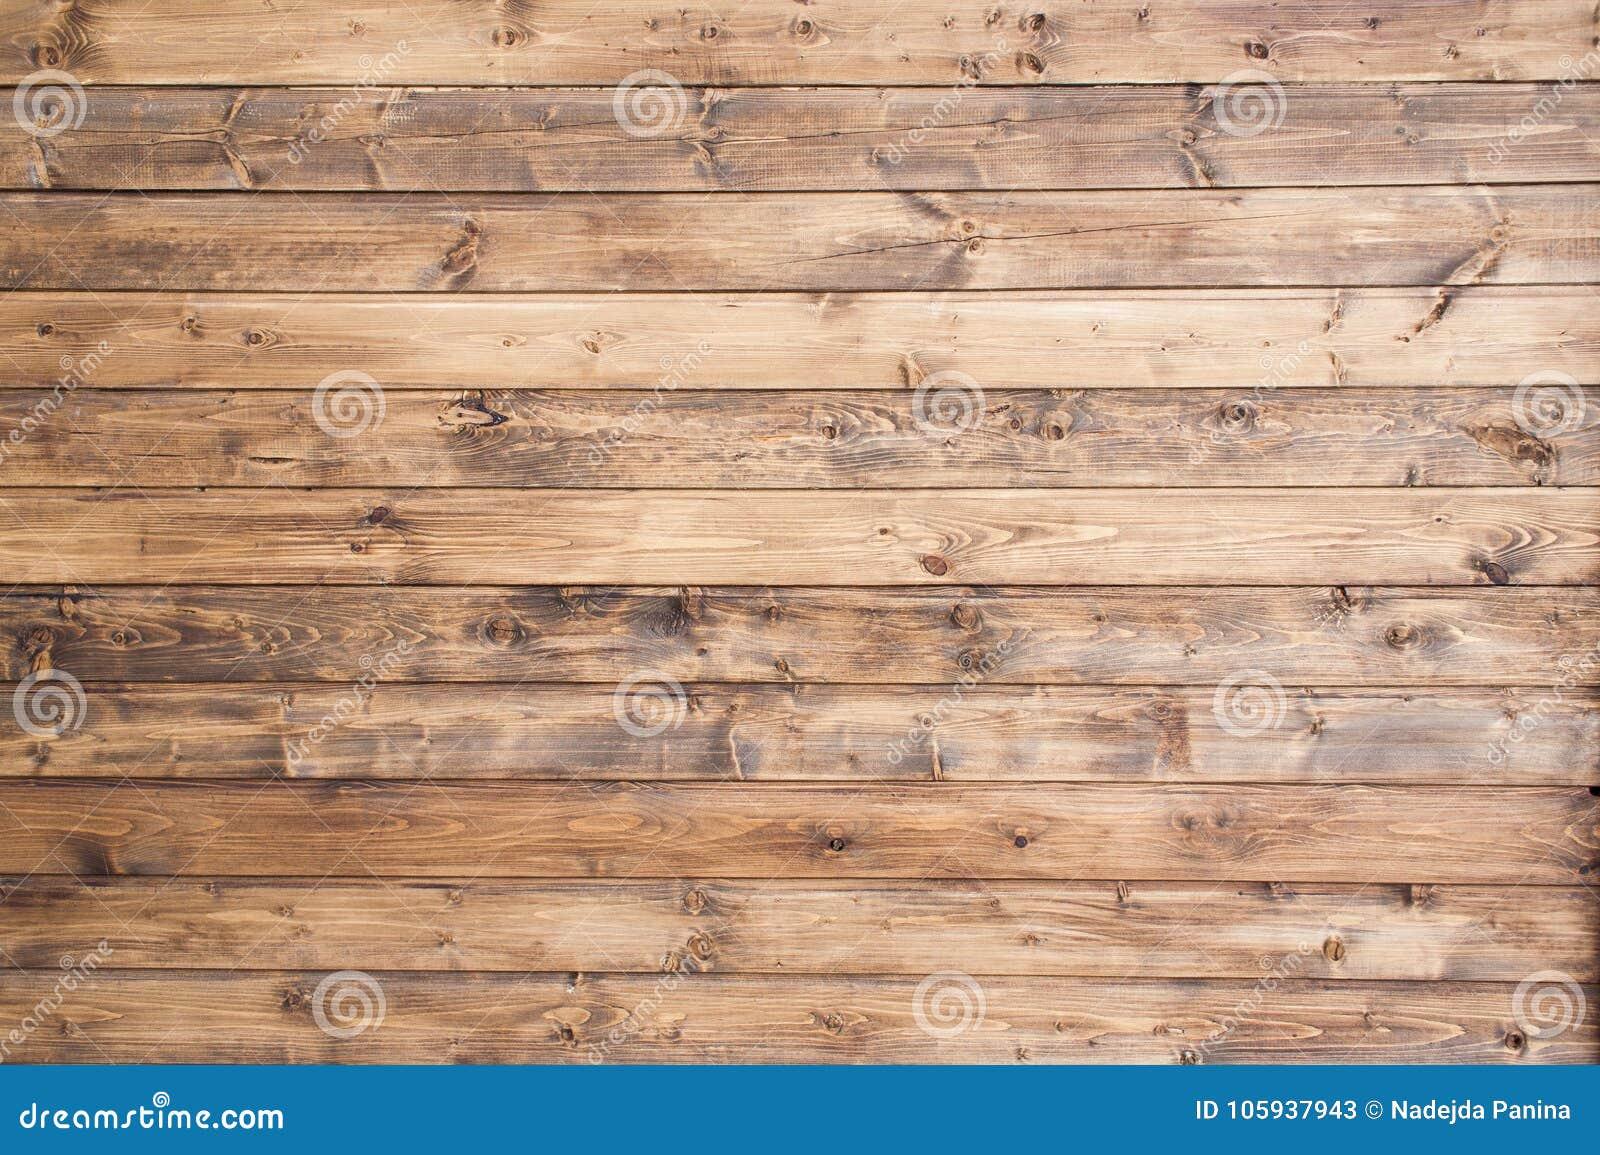 Mörker runda ovala Shape, Wood panelbakgrund, naturlig brun färg, staplar horisontal för att visa korntextur som väggen